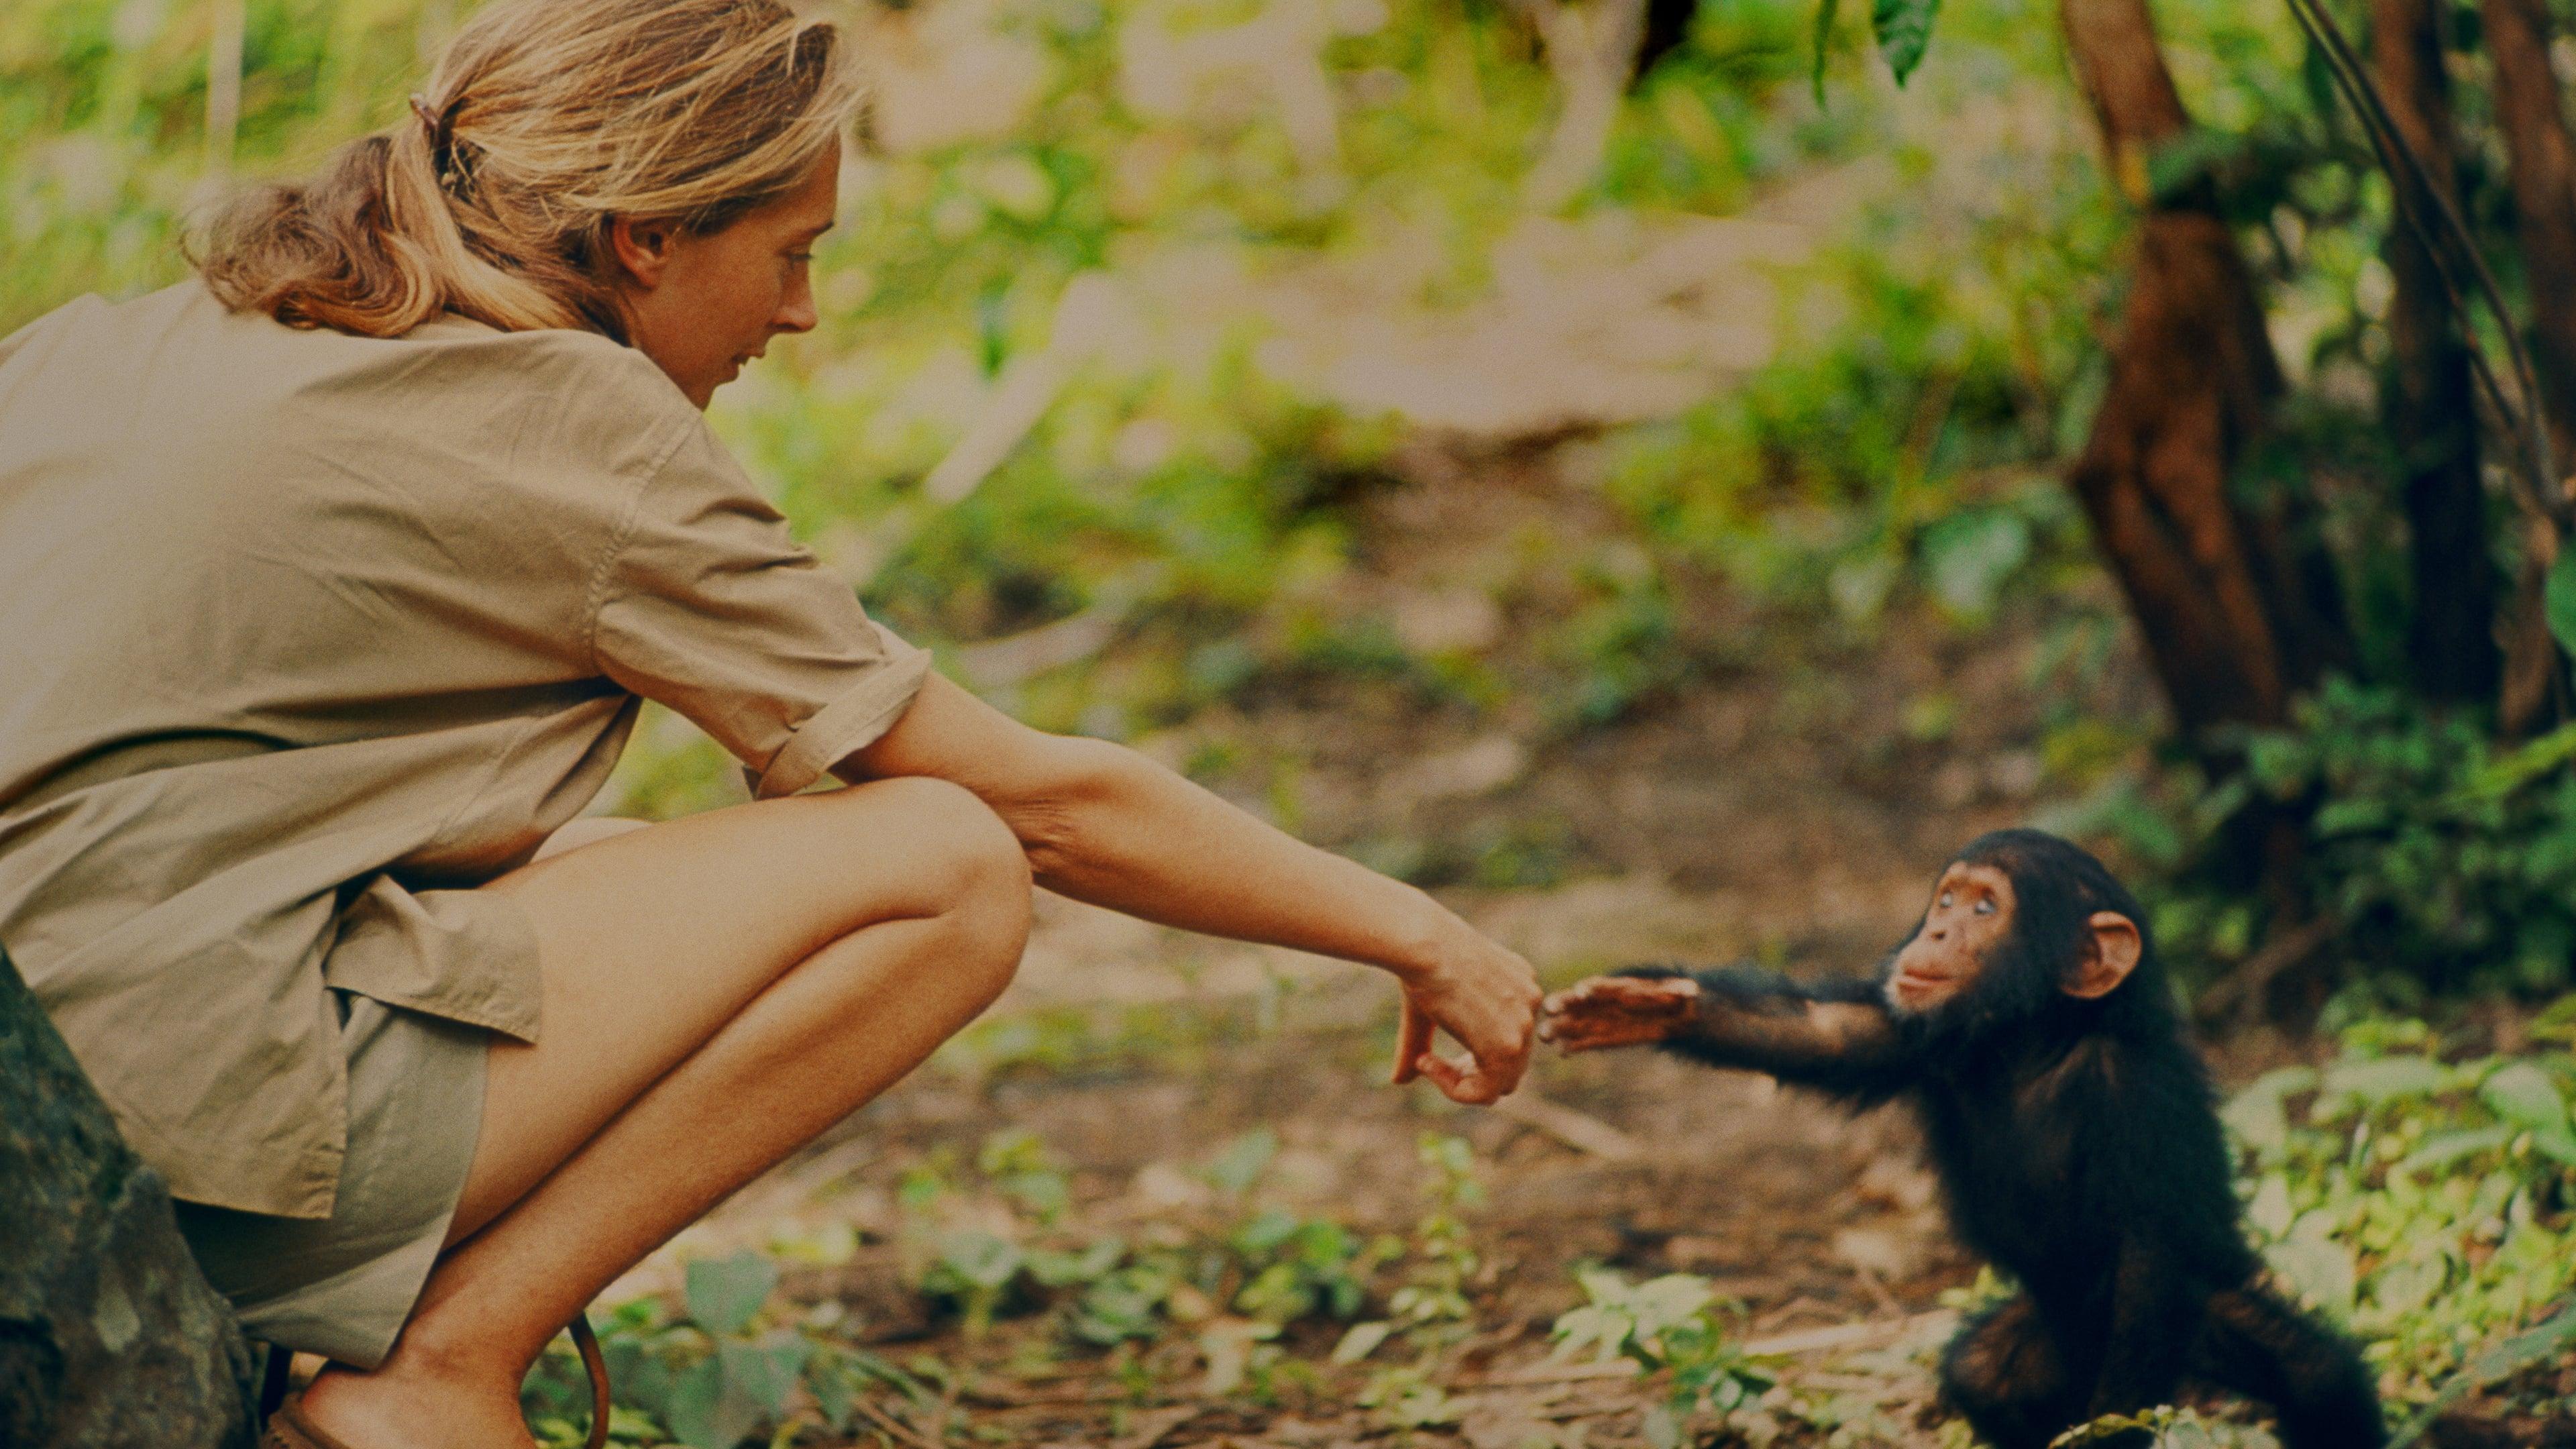 Jane dá a mão a um chimpanzé filhote